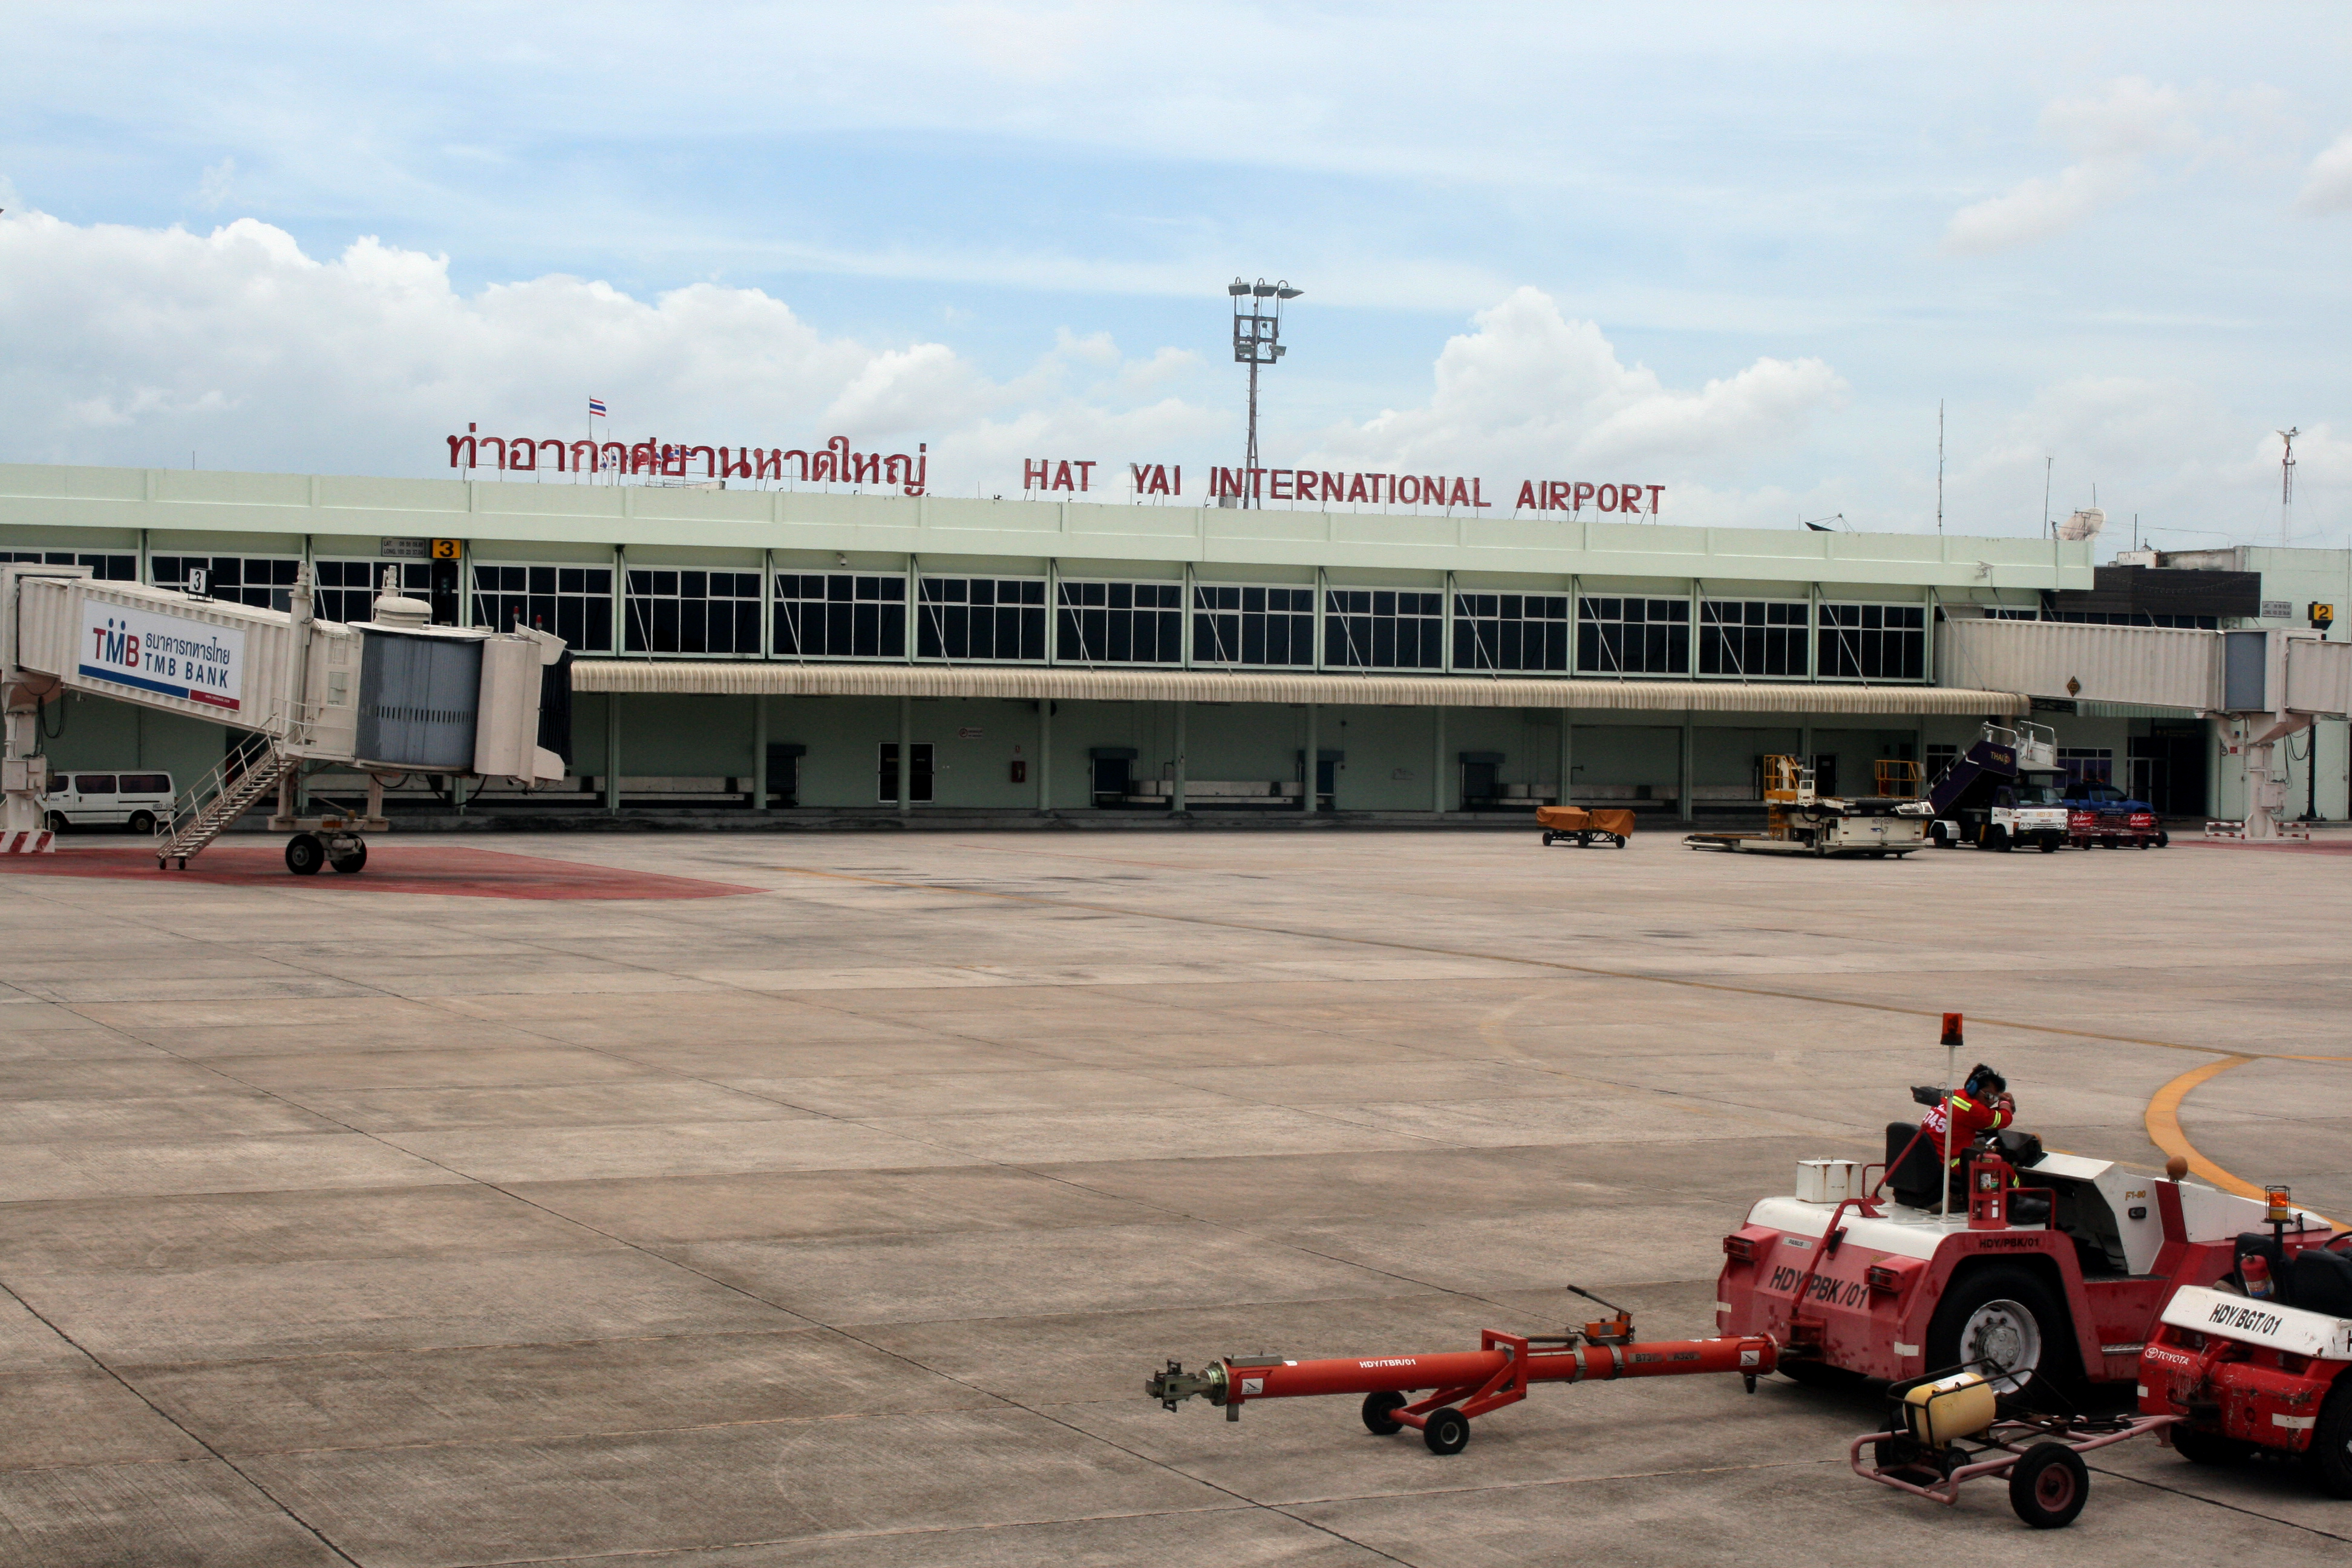 Hat Yain kansainvälinen lentoasema